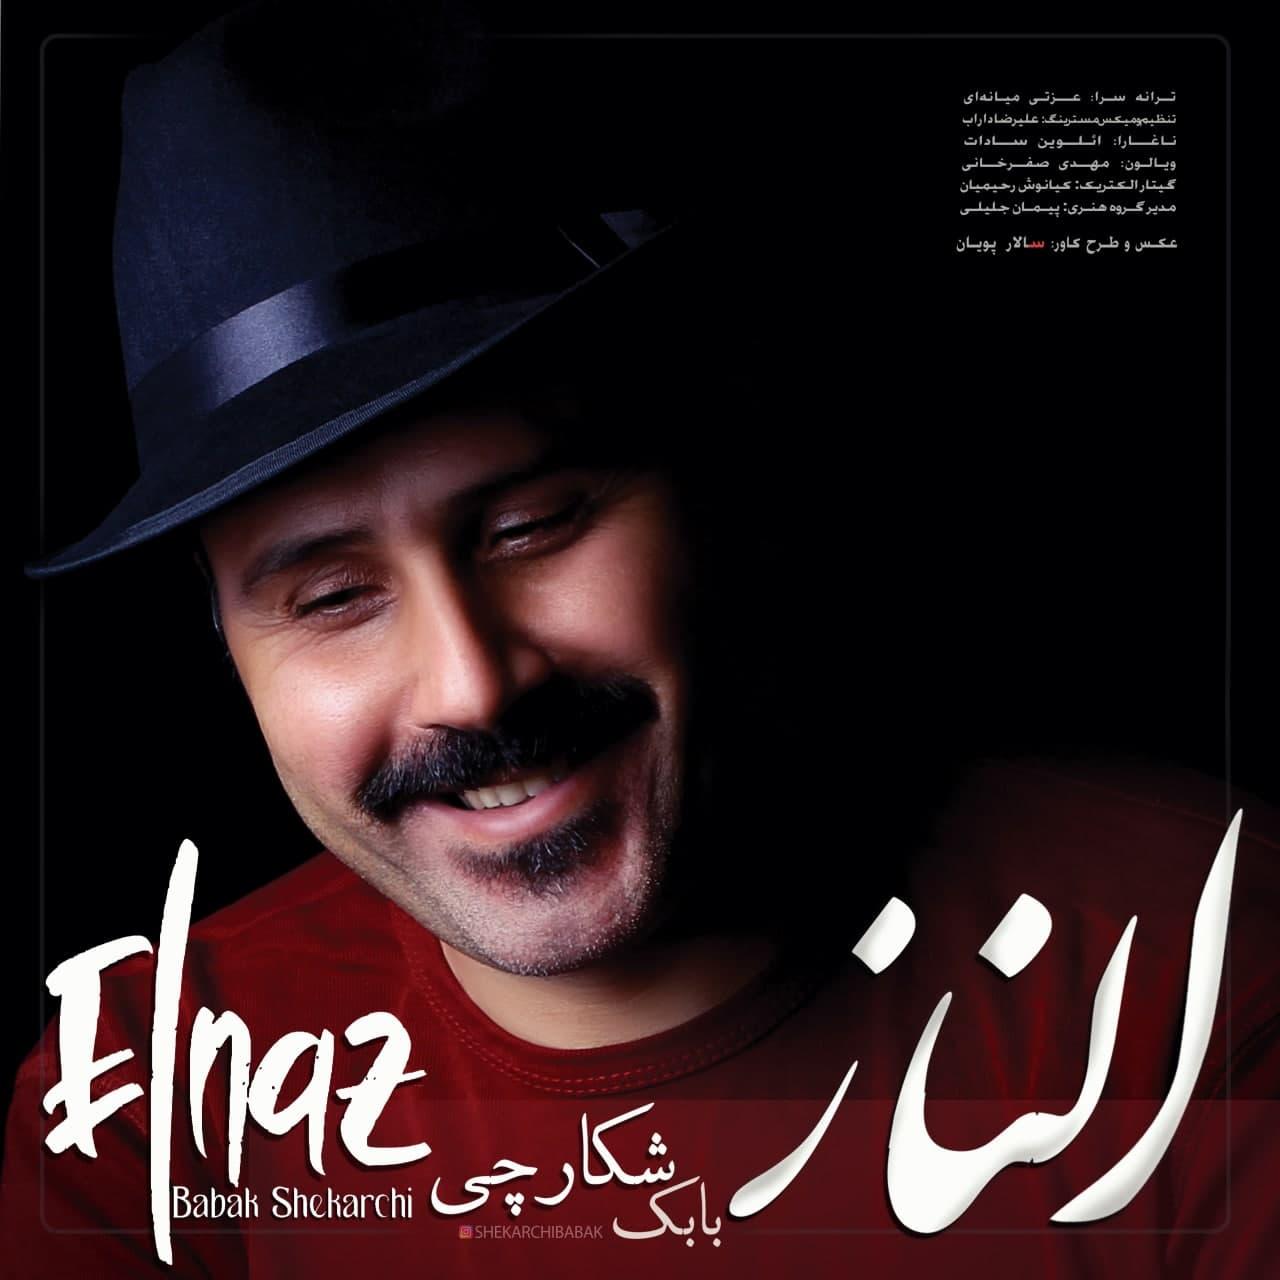 Babak Shekarchi – Elnaz